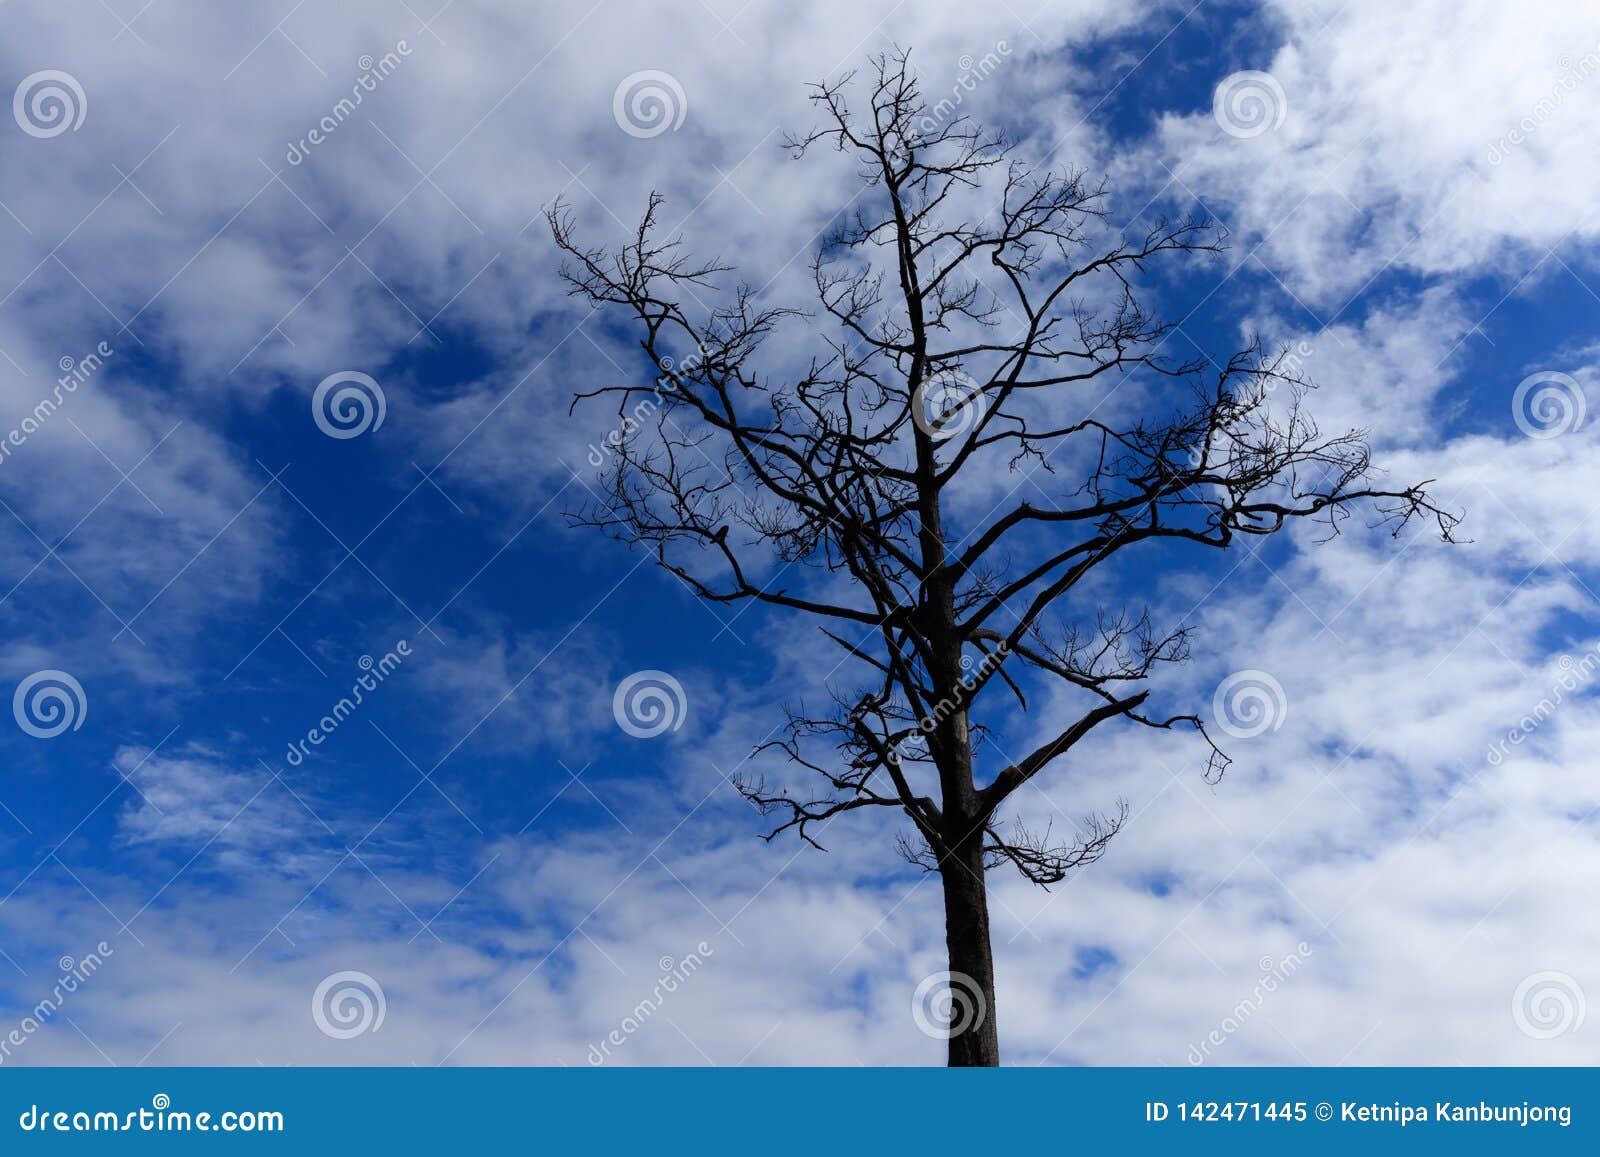 Обнаженное дерево, безлистное дерево, оно в конце сезона зимы